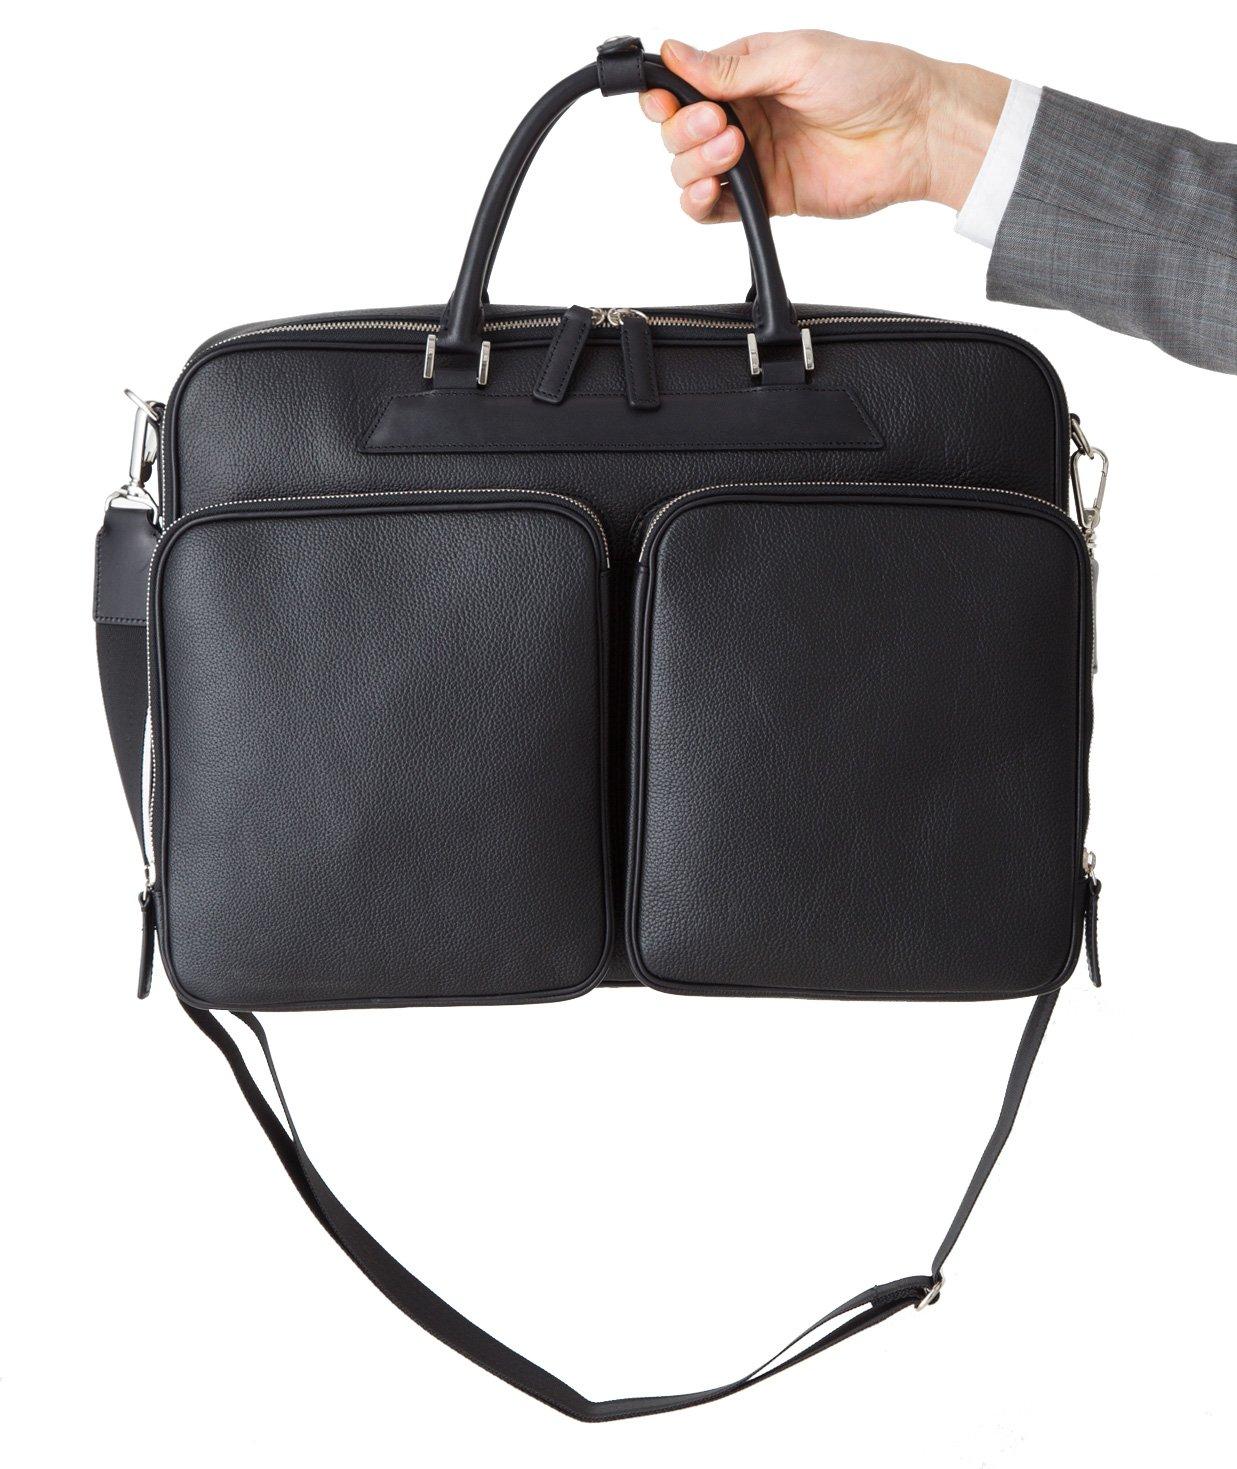 チマブエ ブリーフケース メンズ ビジネスバッグ CIMABUE 11050 B06XYNHXBQ ブラック ブラック